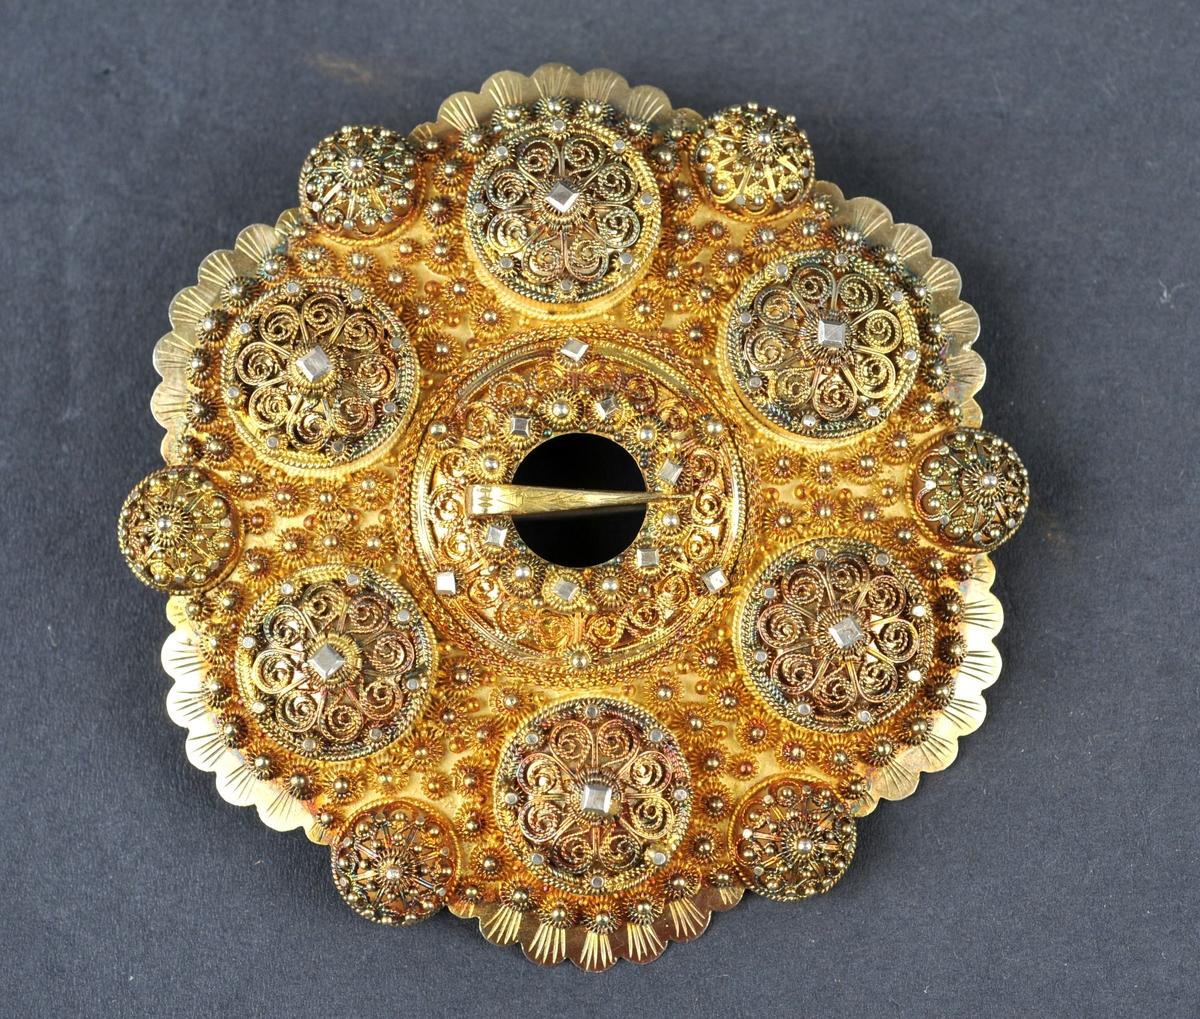 Kuva bolur med oppslege kuve i midten. Alle krusar er dobbelt med små fyllingsknupp. Delingskrusar på bolune.